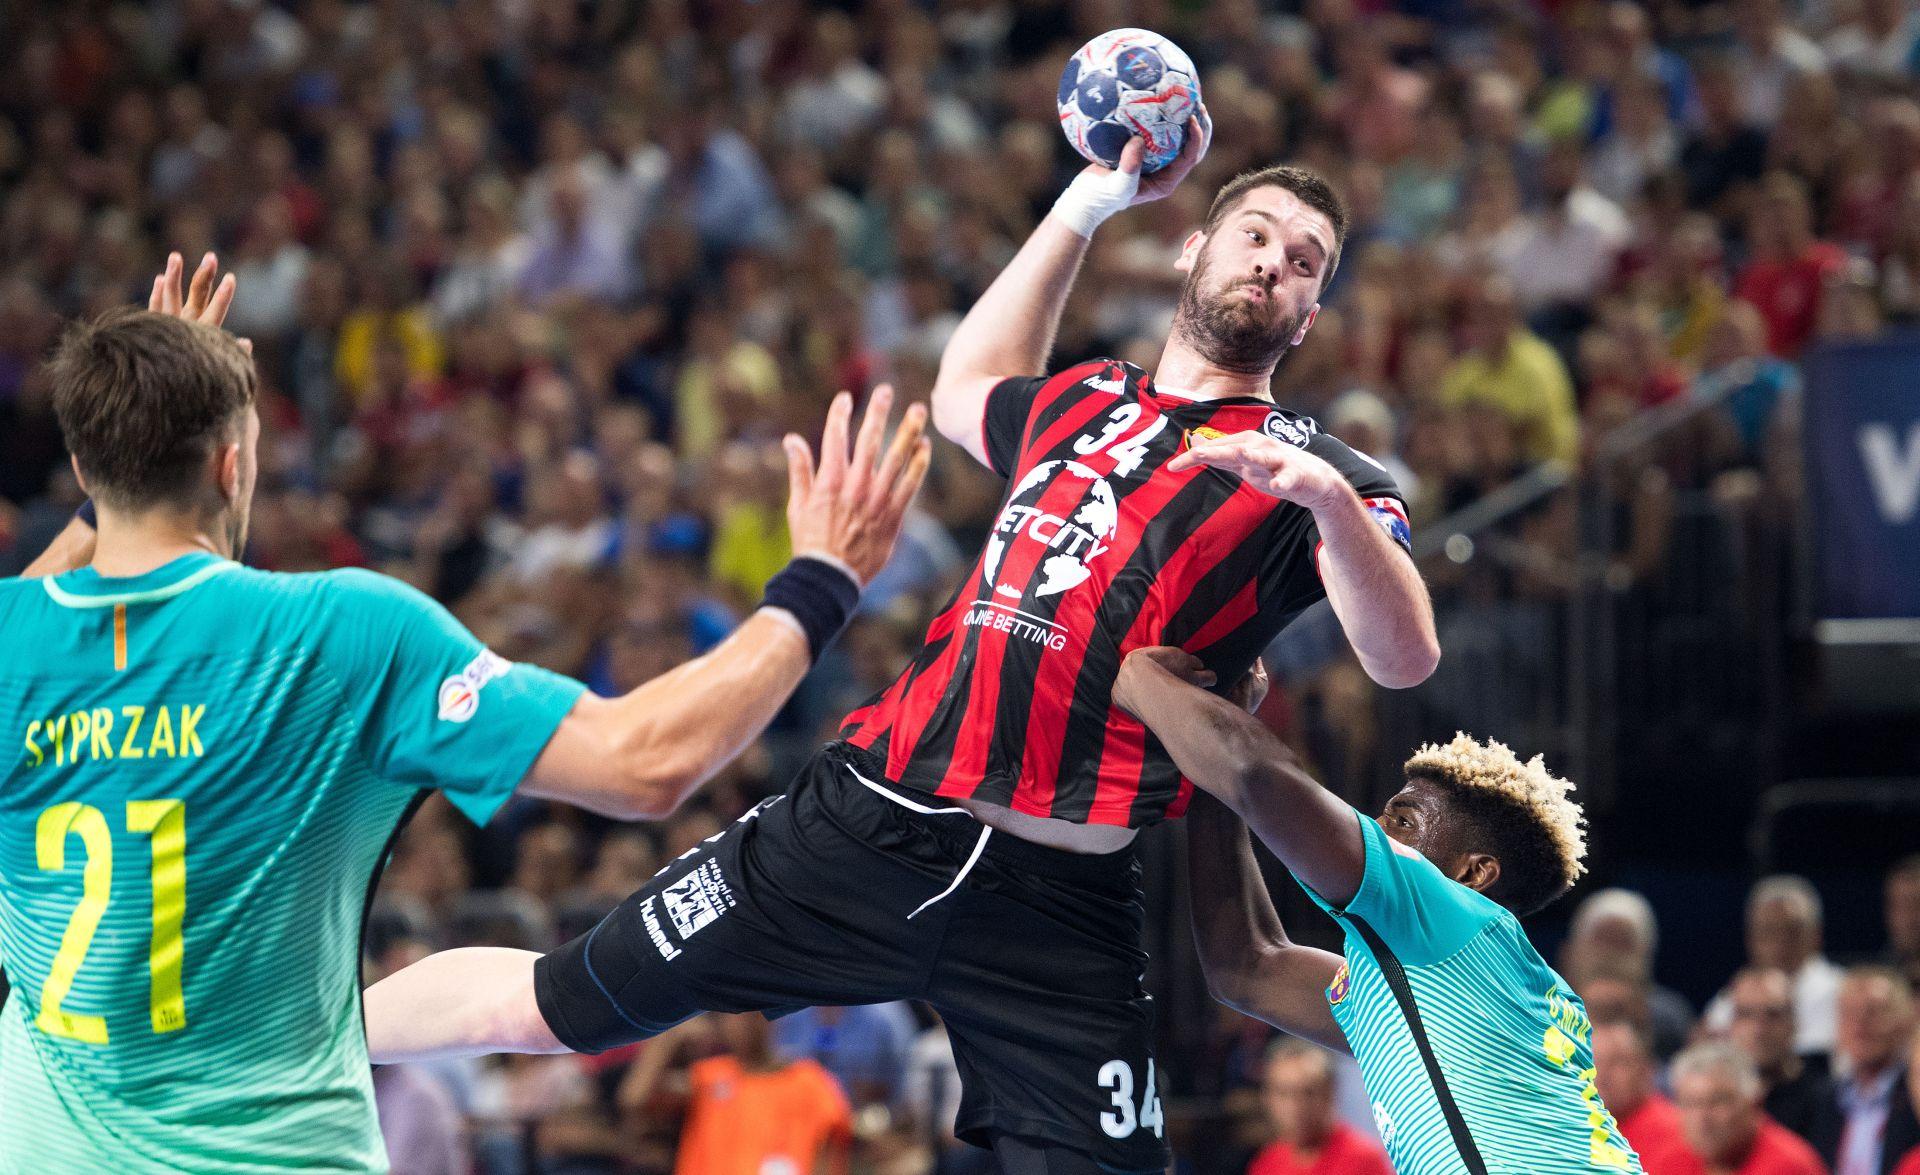 LIGA PRVAKA Cindrić donio finale Vardaru u kojem ga čeka PSG